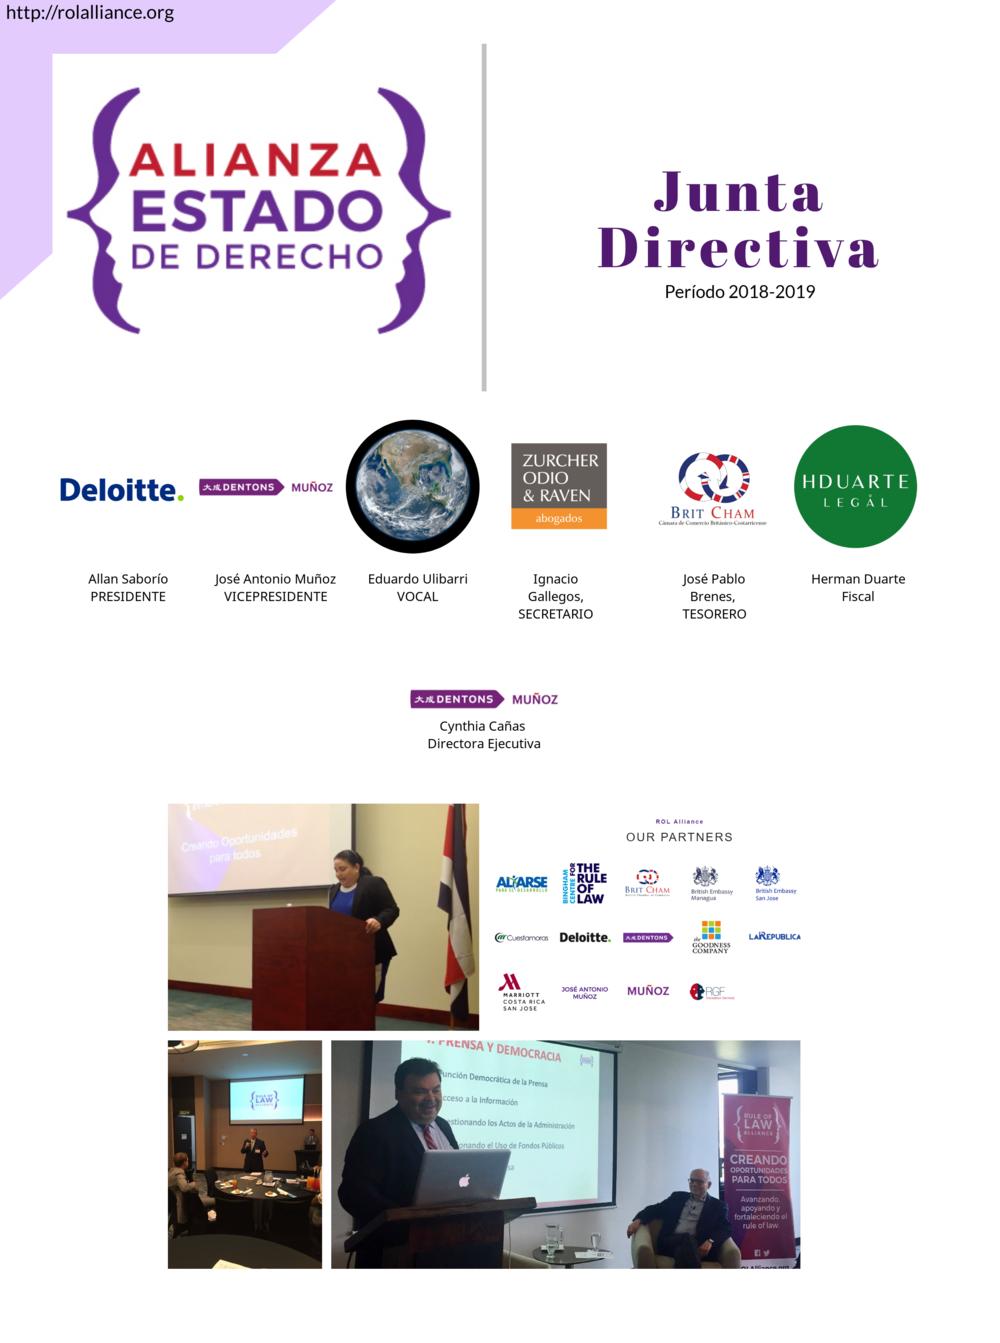 alianza-por-el-estado-de-derecho-Costa-Rica-Rule-of-Law-Herman-Duarte-Jose-Antonio-Muñoz-Dentons